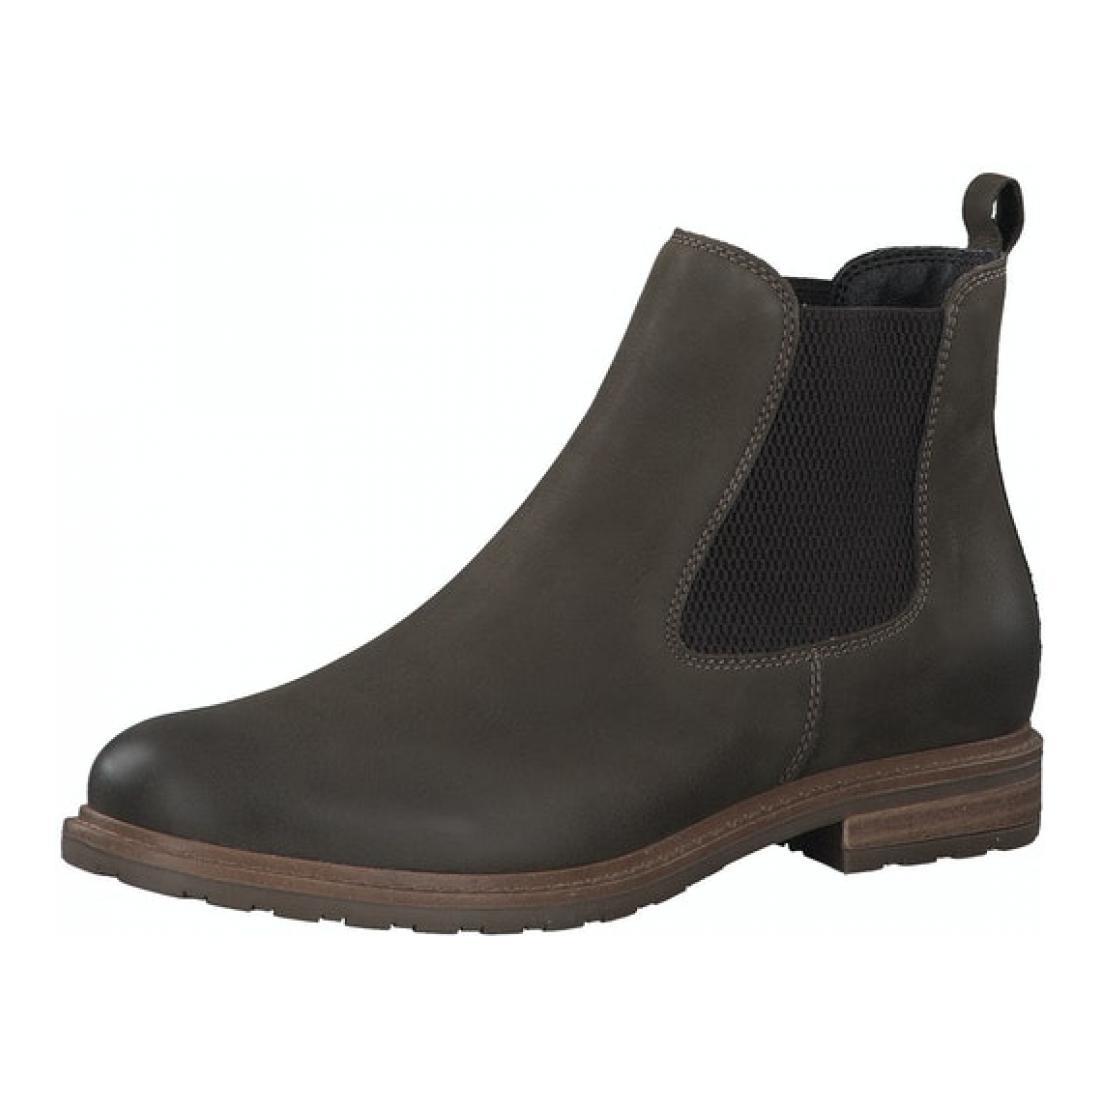 Tamaris Chelsea Boot DK.OLIVE